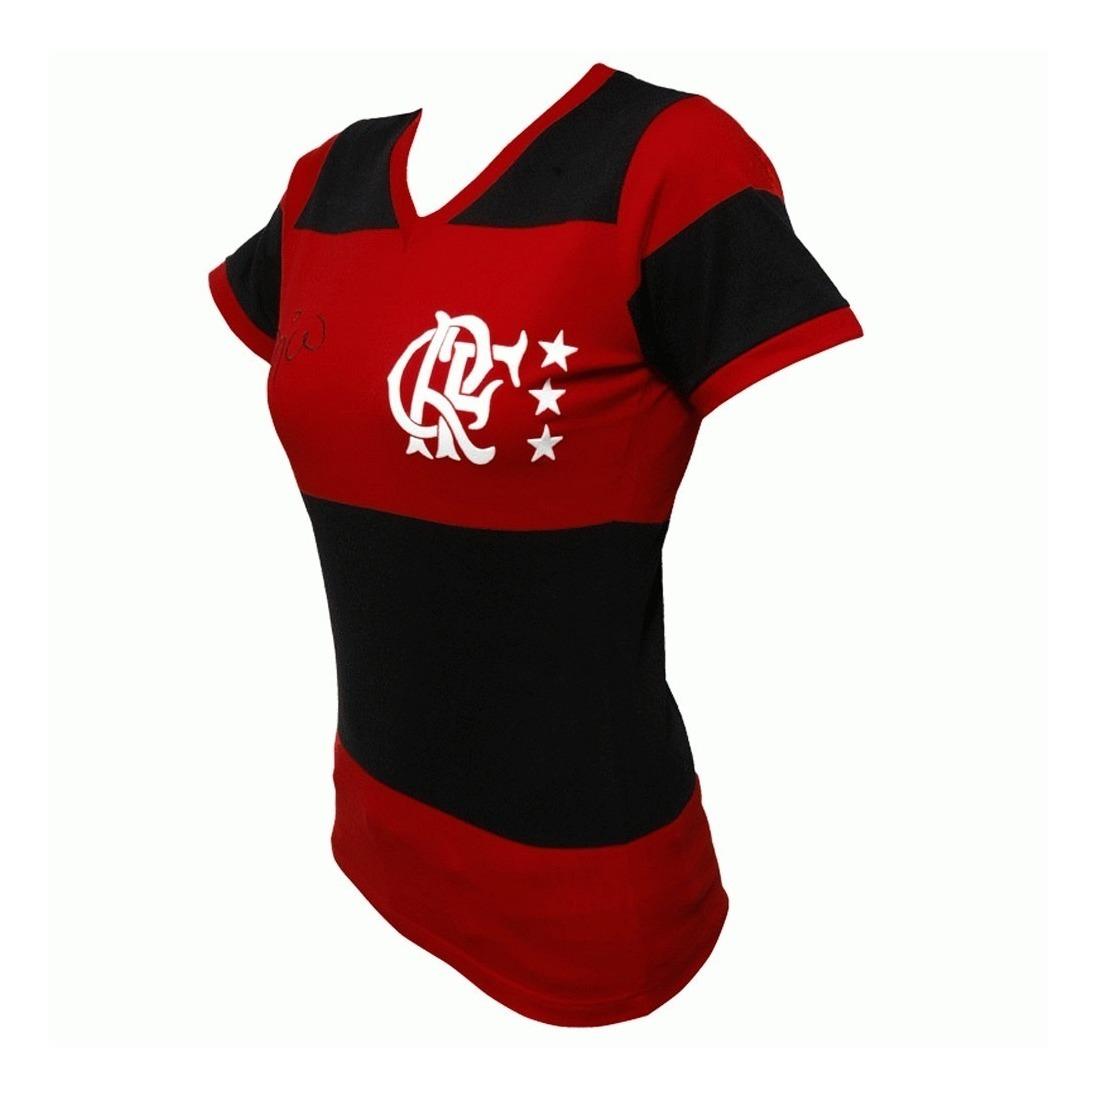 5876ec5071 camisa flamengo feminina retro baby look 1981 zico libertad. Carregando  zoom.